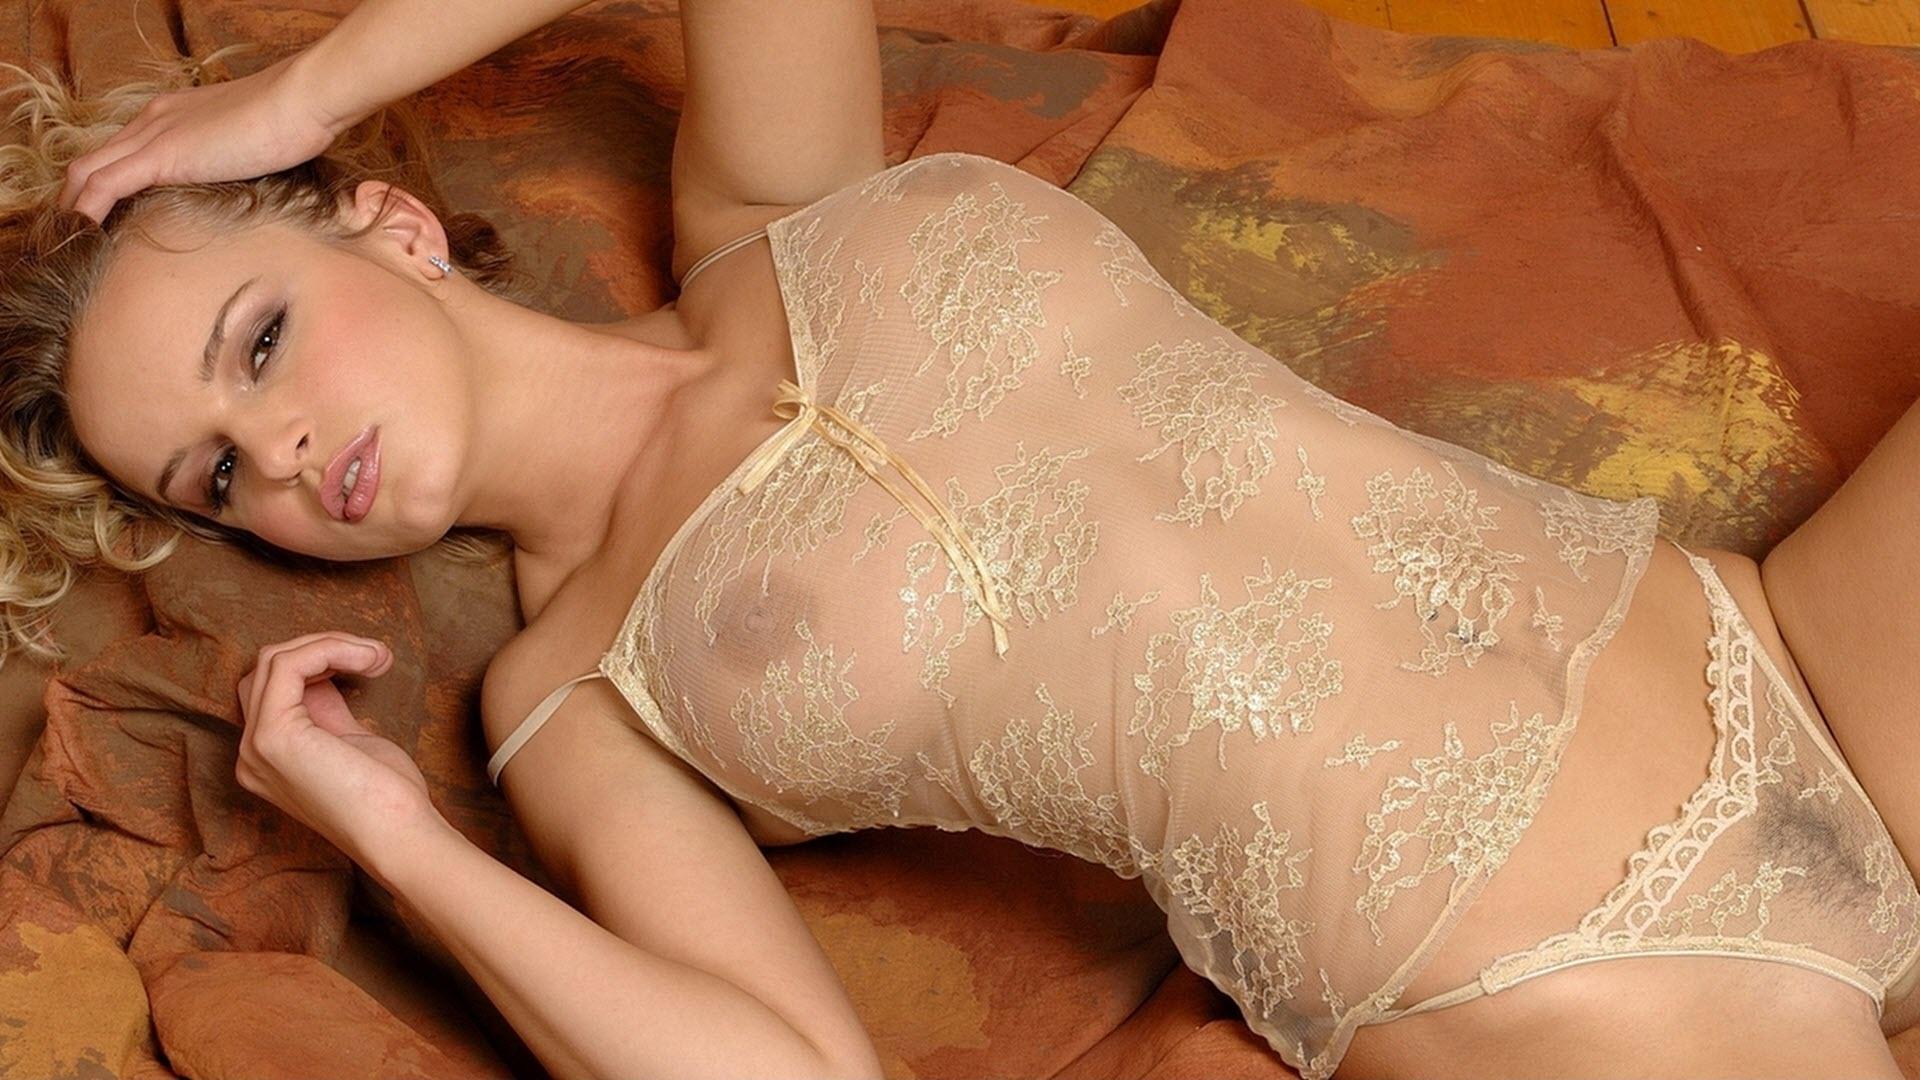 Дело Аркадельфии сексуальное прозрачное белье ублюдки